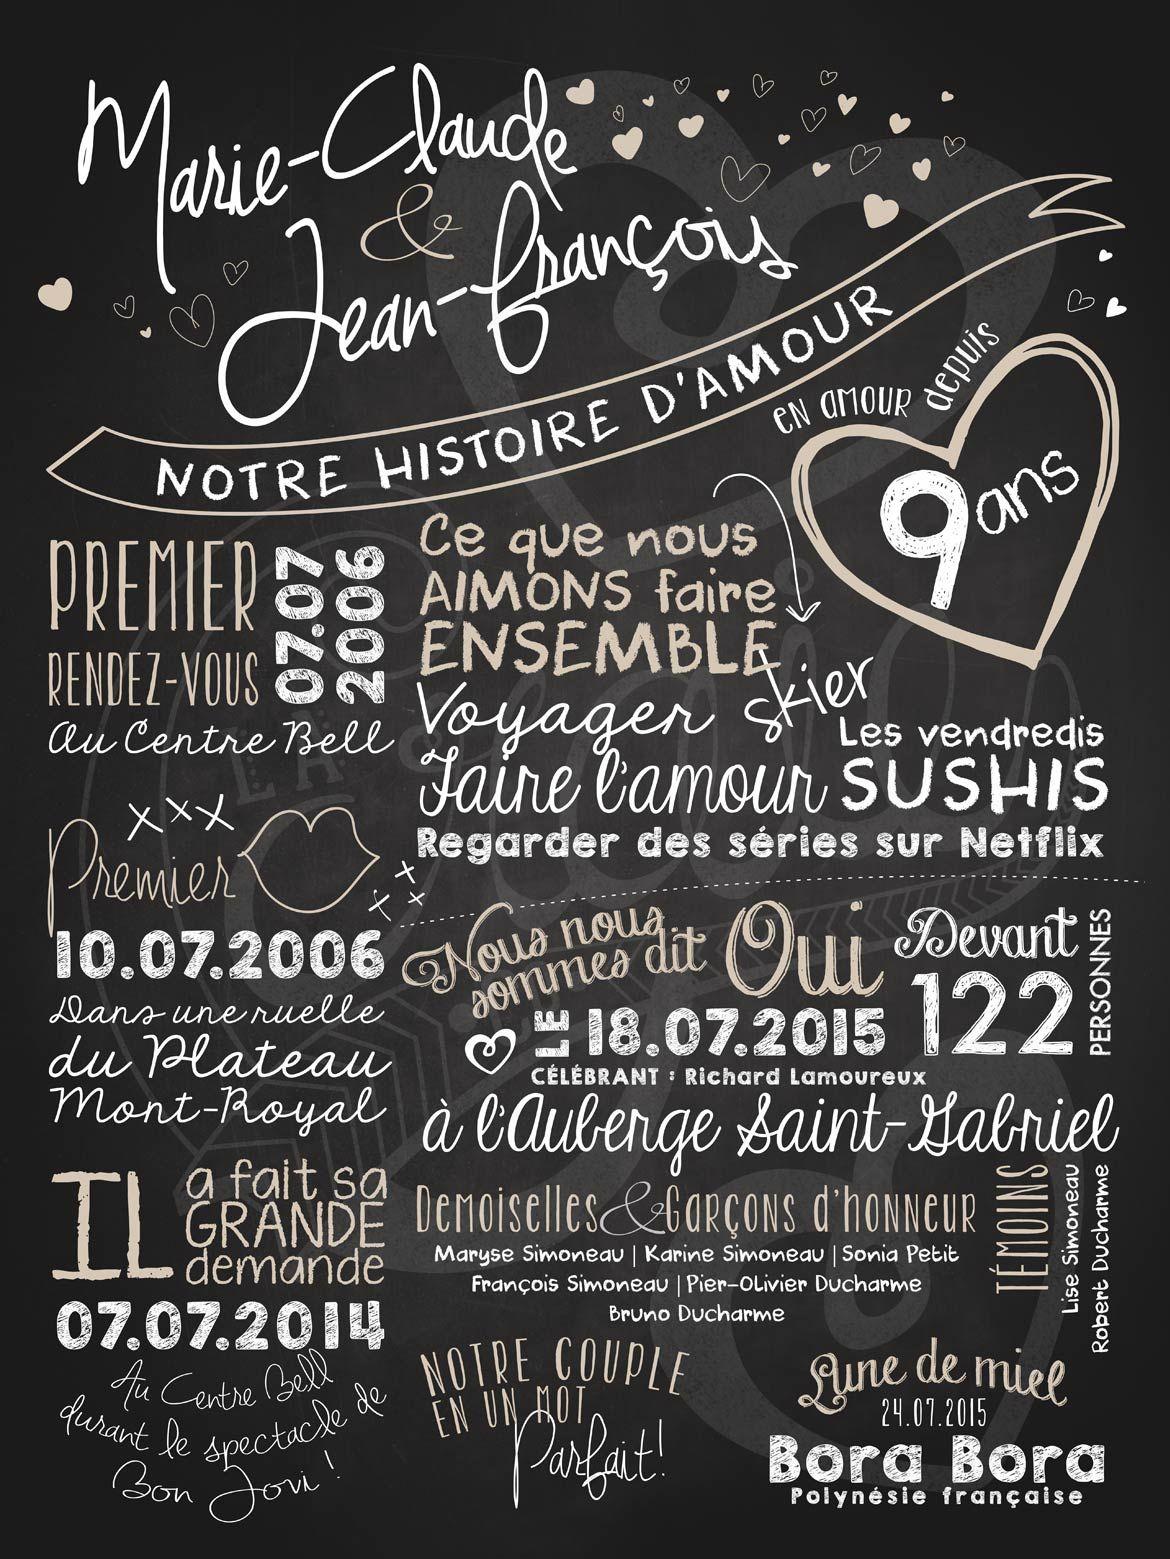 Affiche Personnalisée Mariage Notre Histoire Damour 35